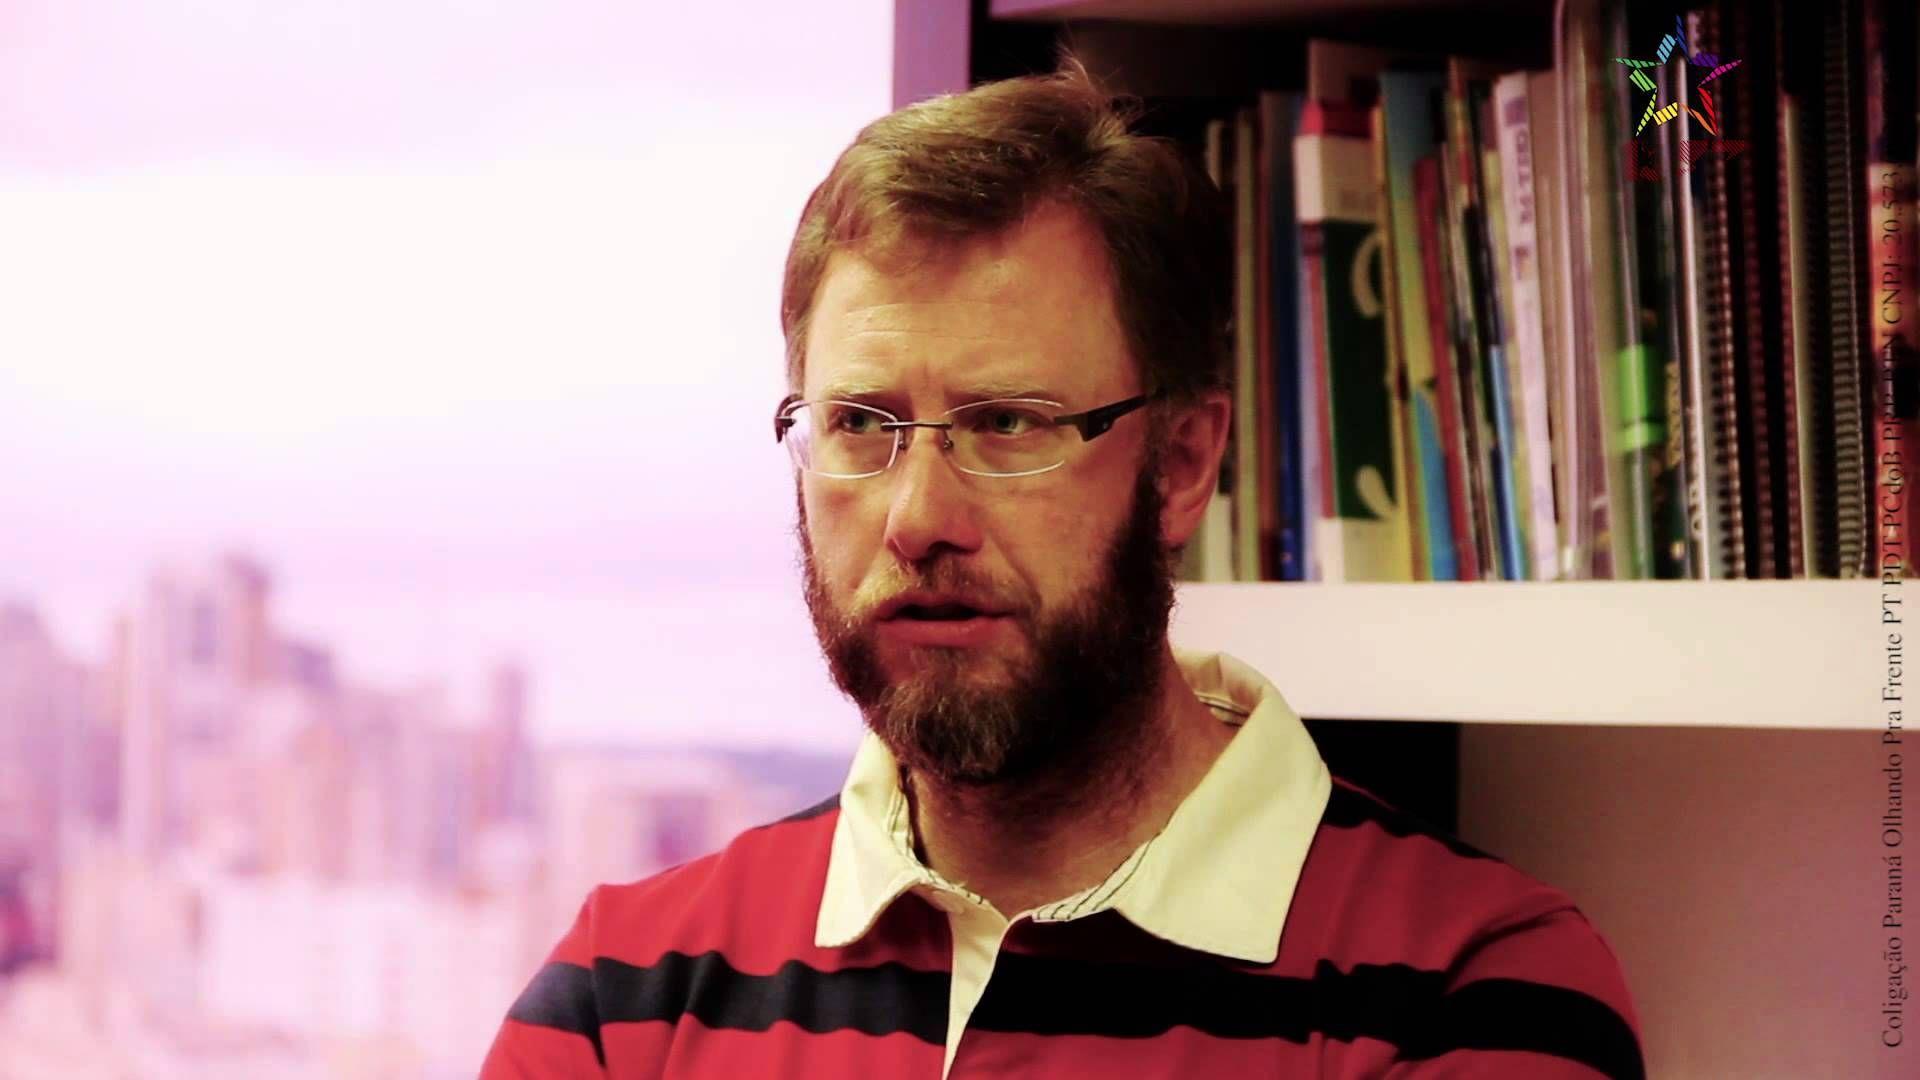 Leandro Grassmann, copeliano e diretor do SENGE-PR, manifesta seu apoio ao candidato a deputado federal Ulisses Kaniak 1357. #ulisses1357 #ulisseskaniak #ulisseskaniak1357 #politicaecoisaseria